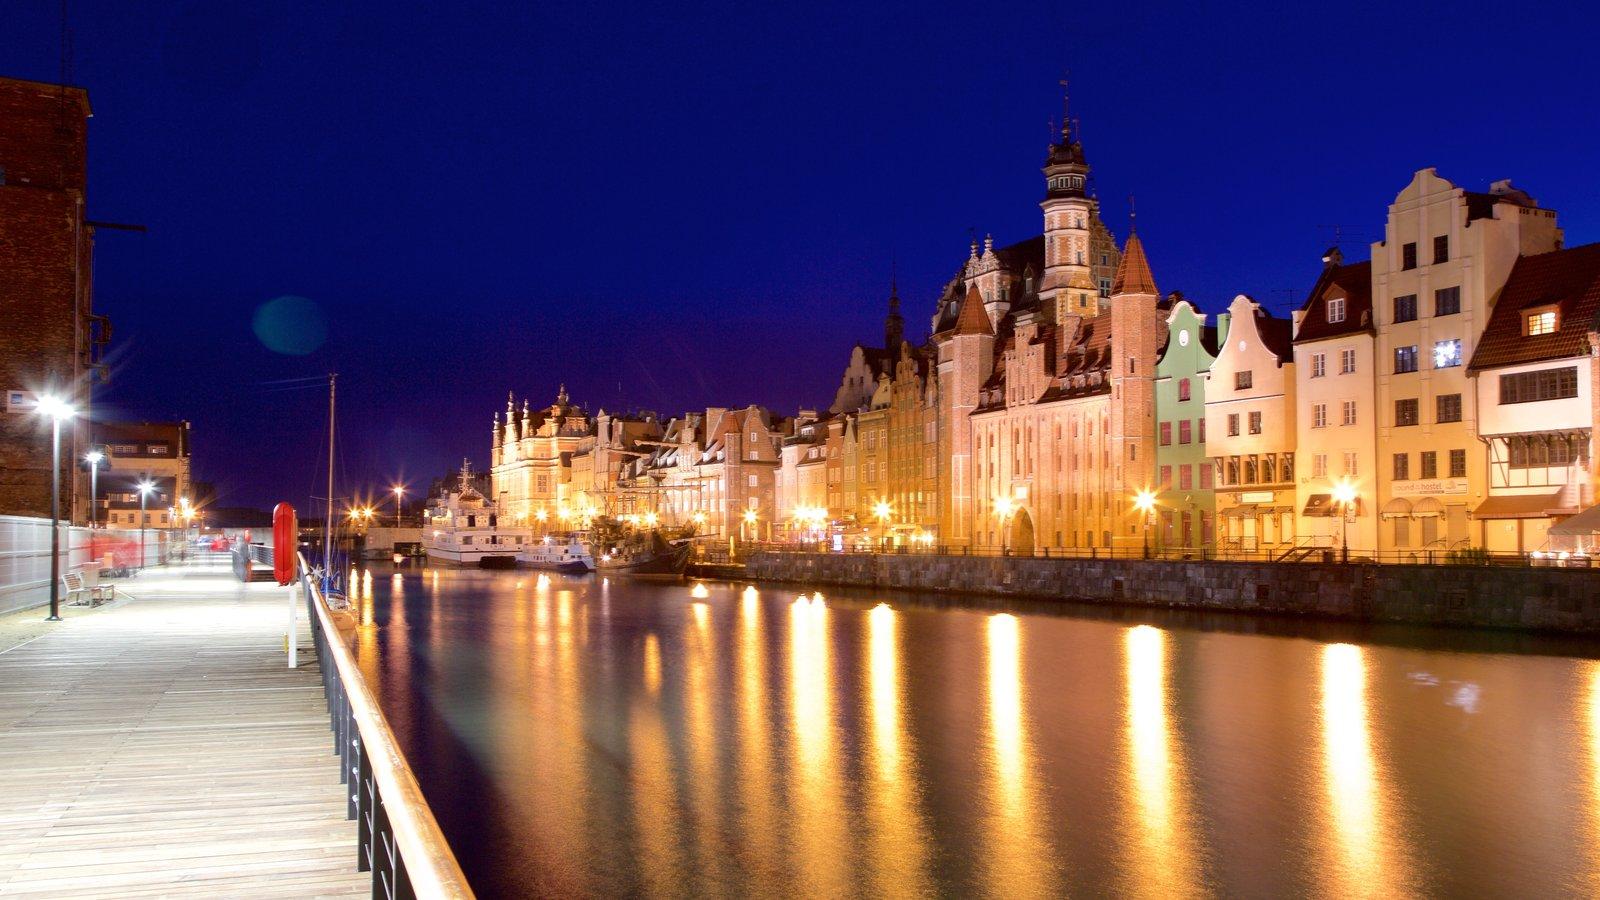 Gdansk que inclui uma cidade, cenas noturnas e um rio ou córrego